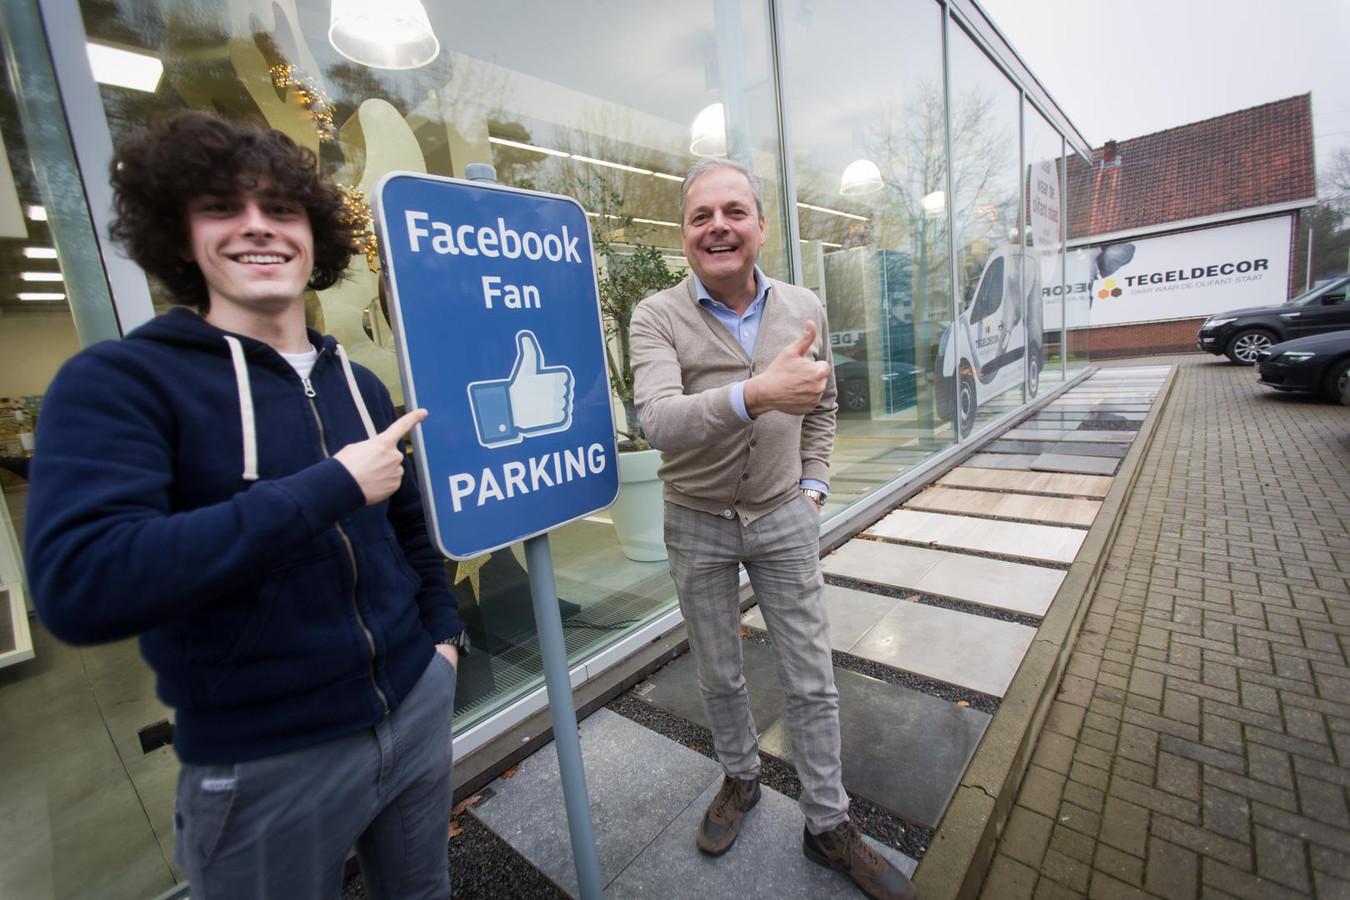 Peter Zeelmaekers en zijn zoon Arthur aan het Facebookfan-parkeerbord.